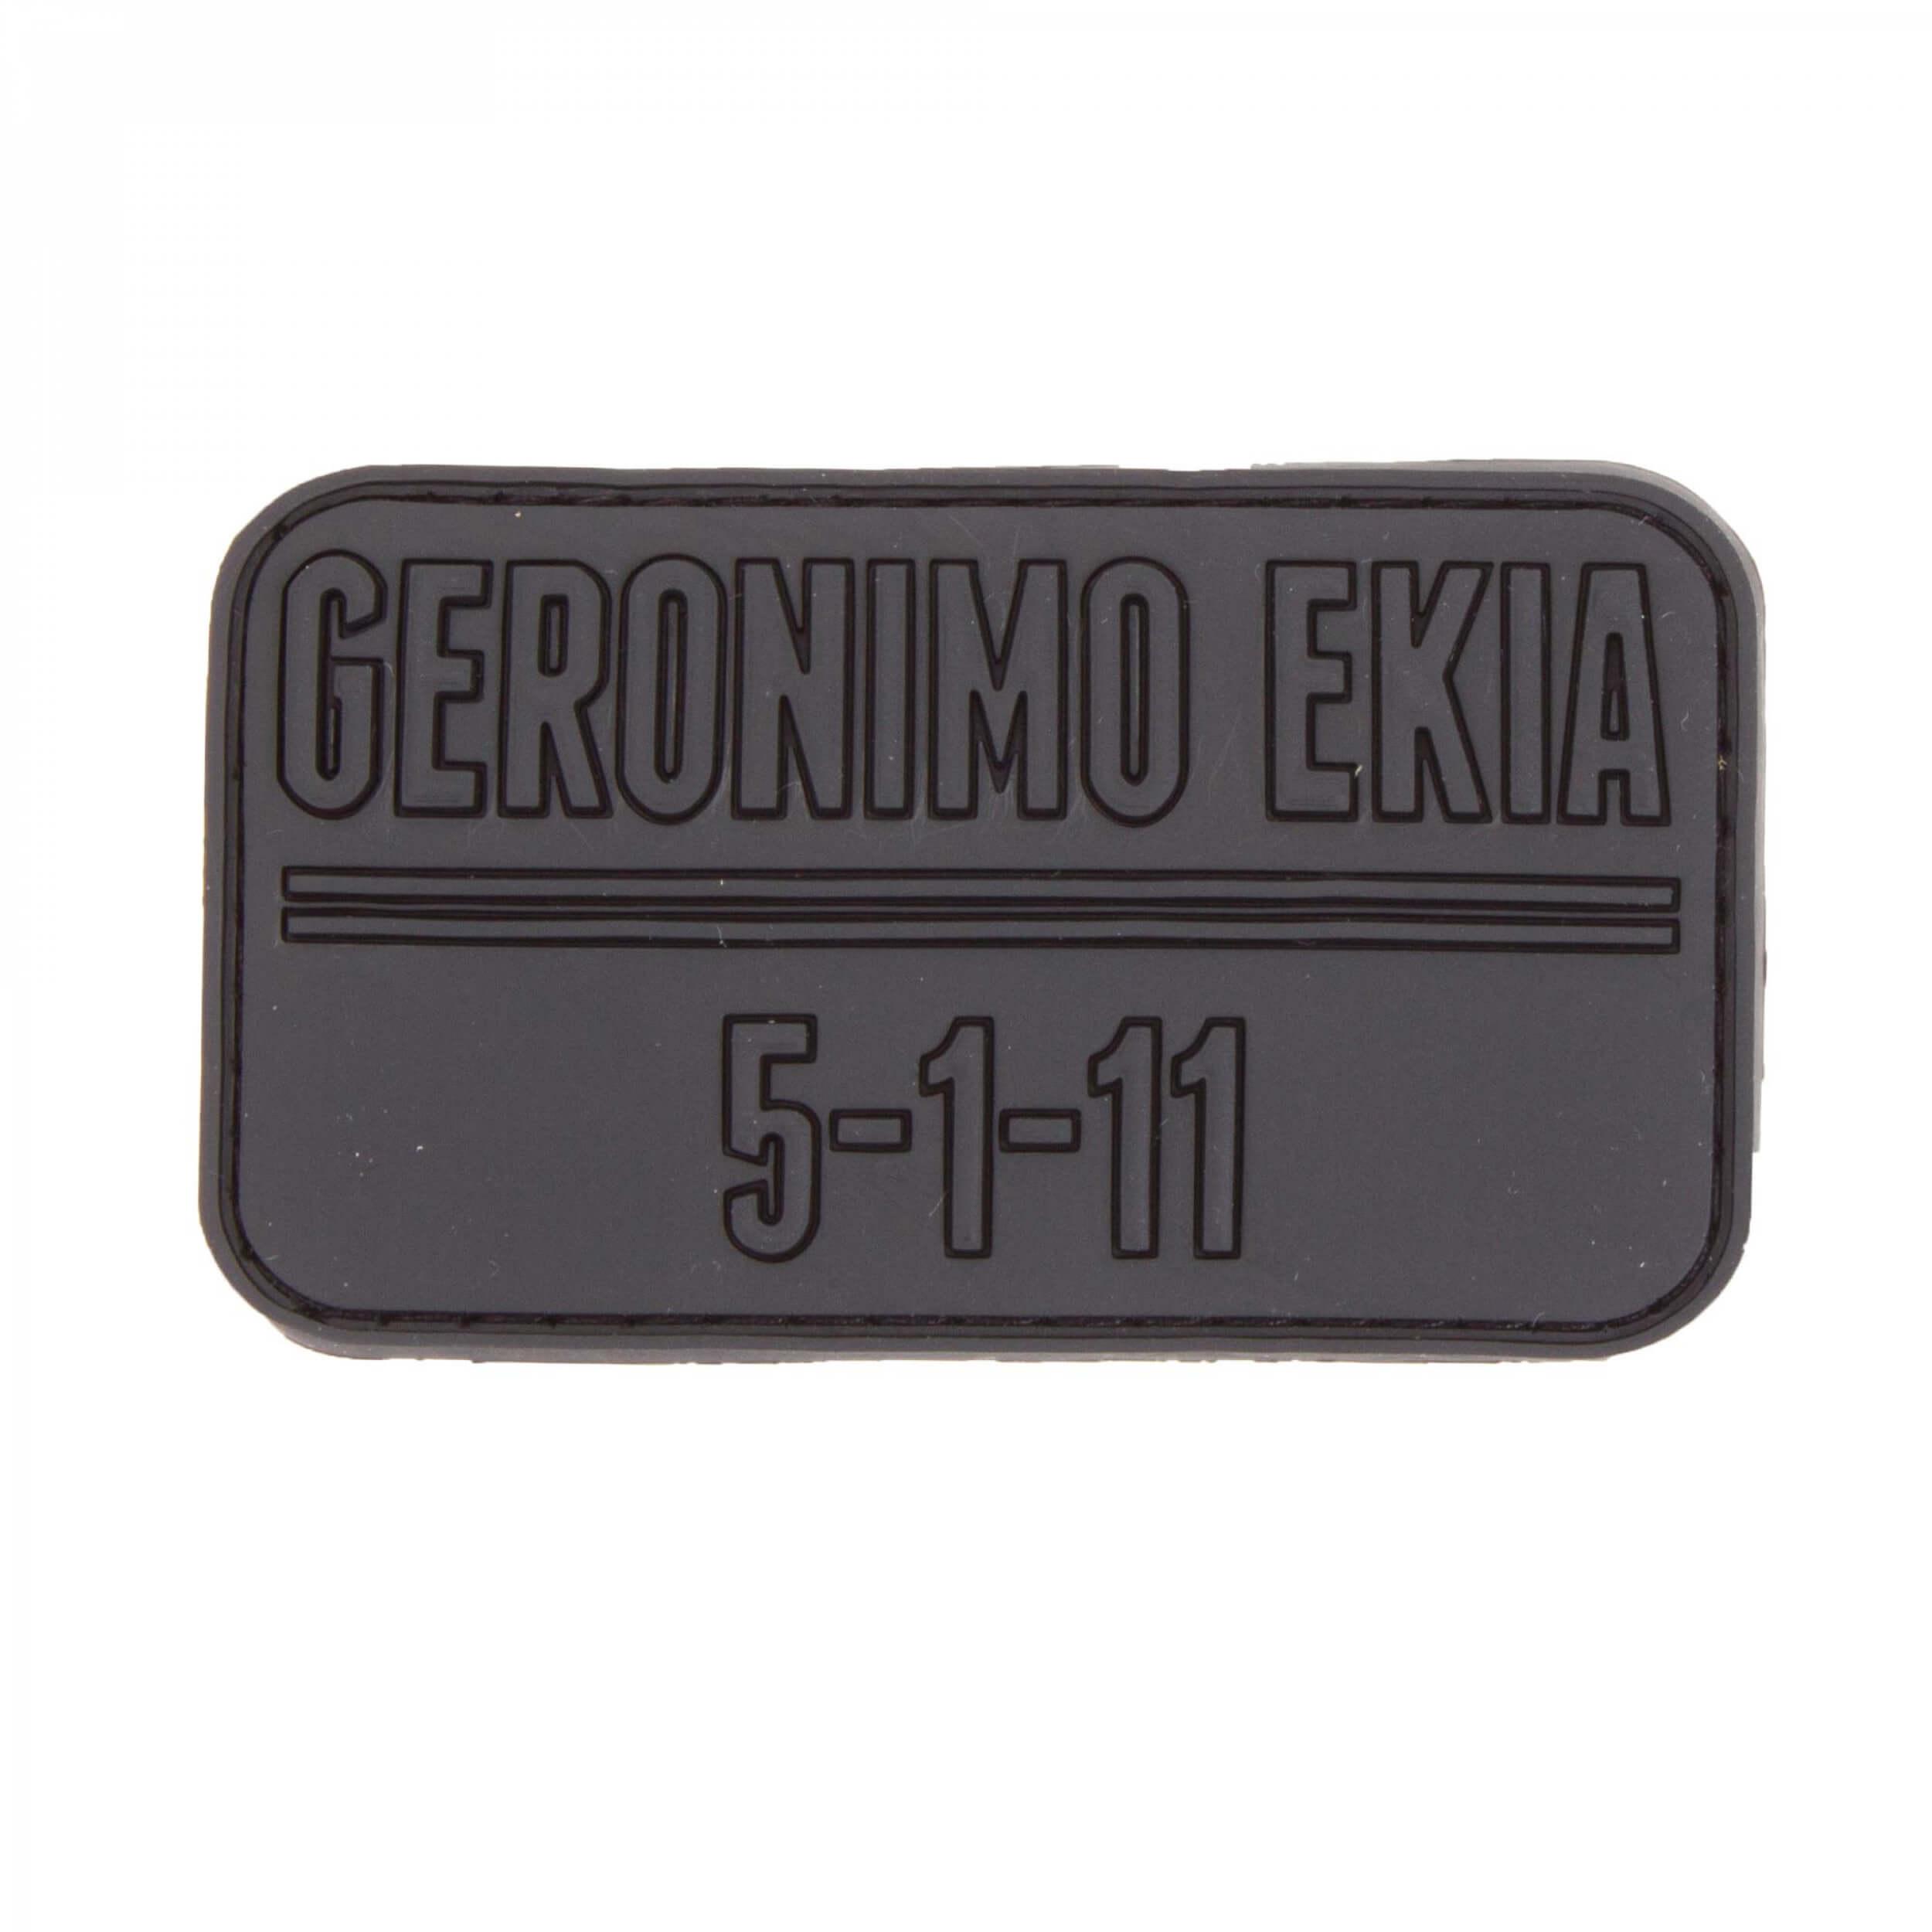 JTG Geronimo Ekia Patch black